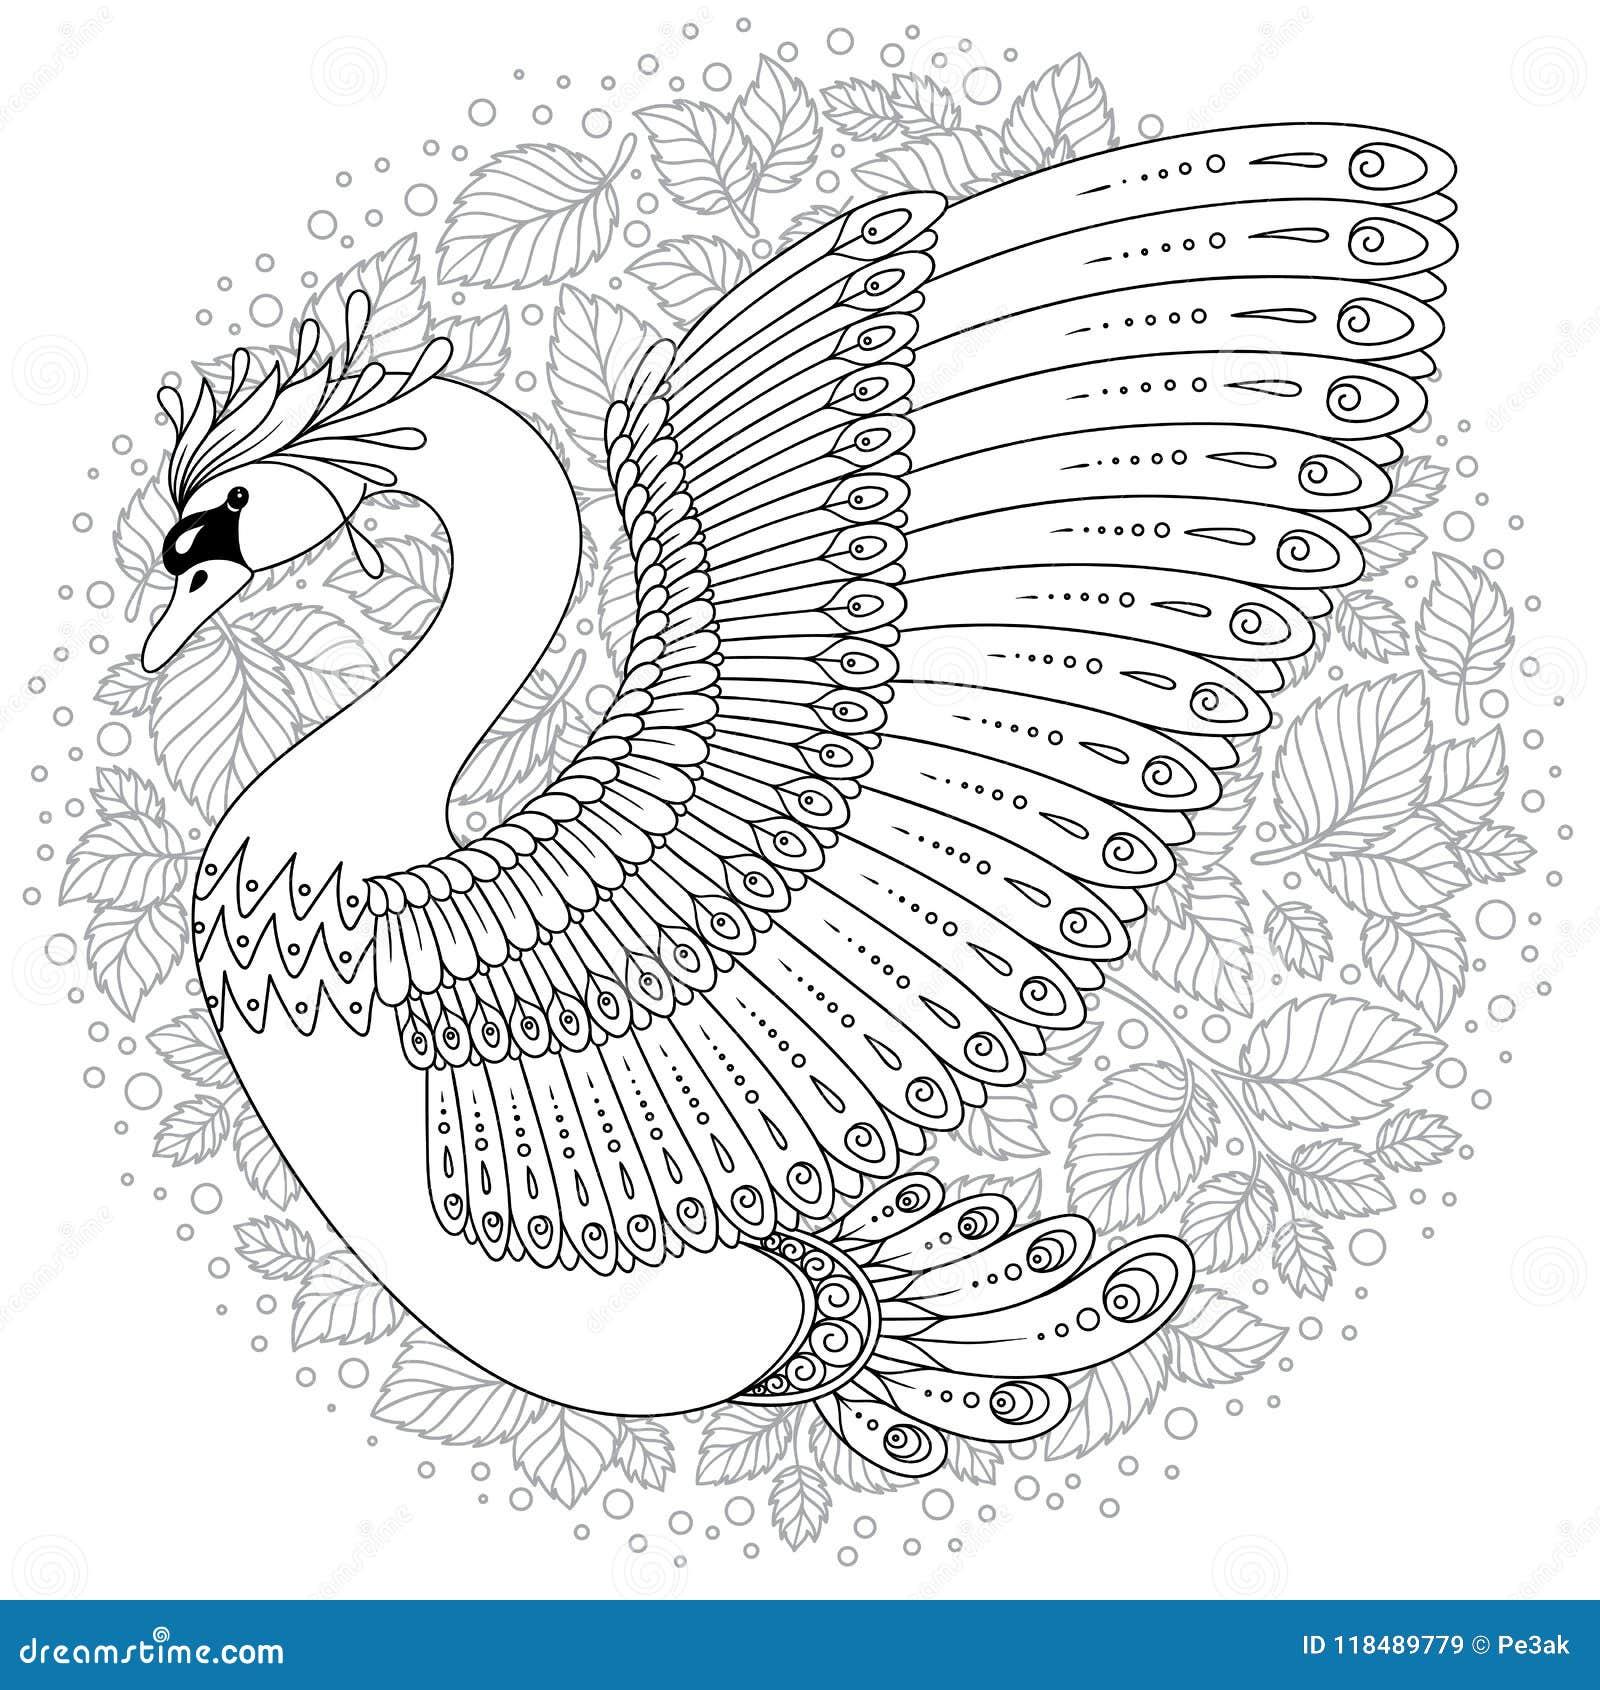 Cigno Decorato Disegnato A Mano Immagine Per I Libri Da Colorare